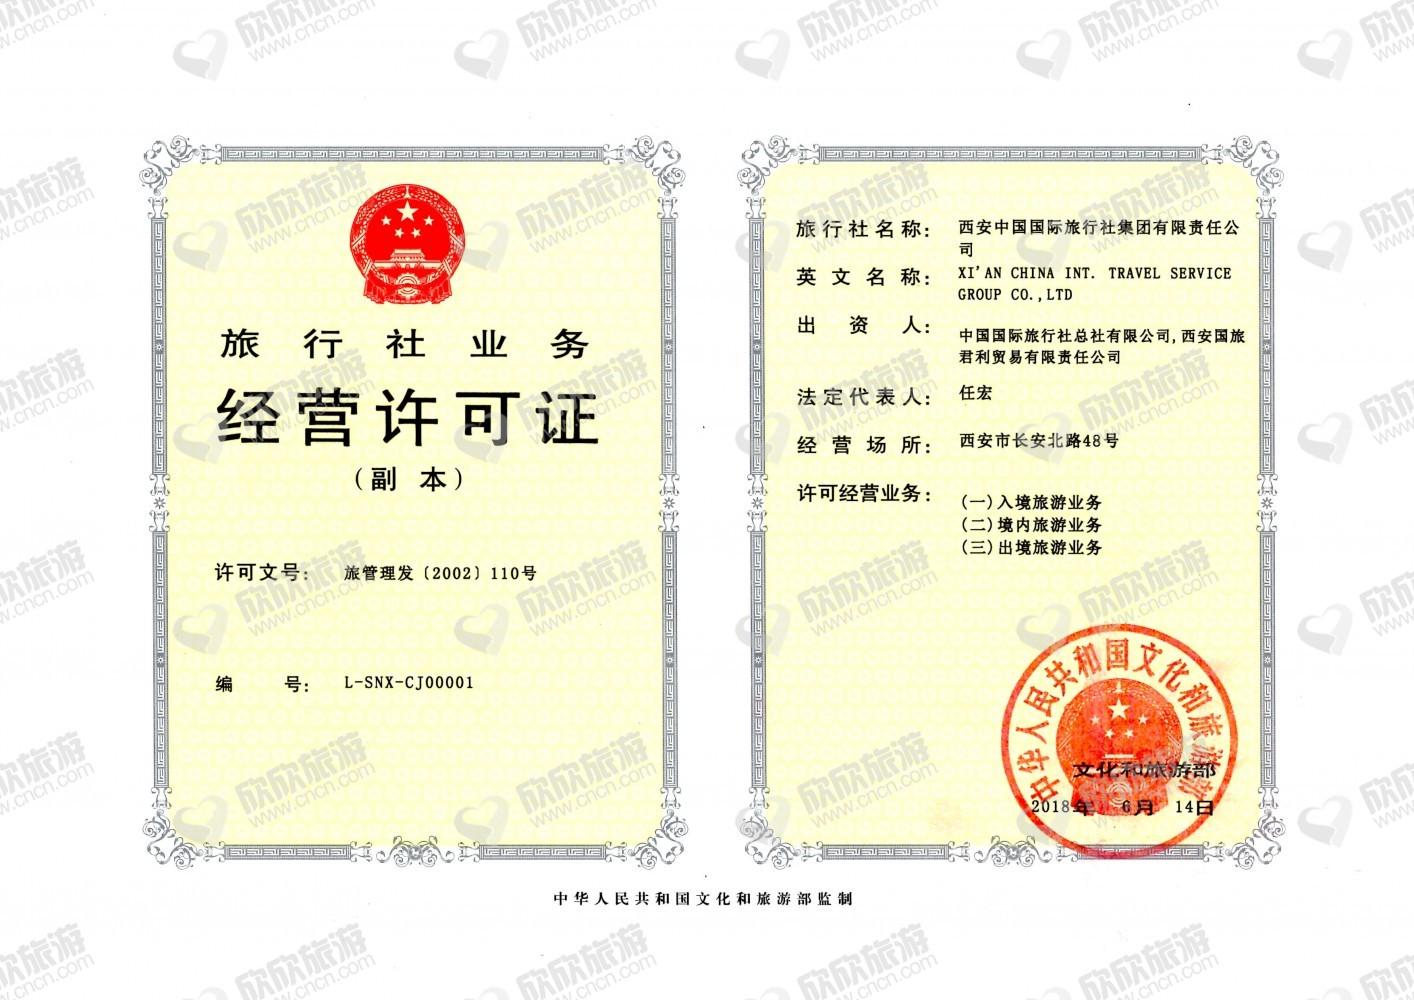 西安中国国际旅行社集团有限责任公司经营许可证